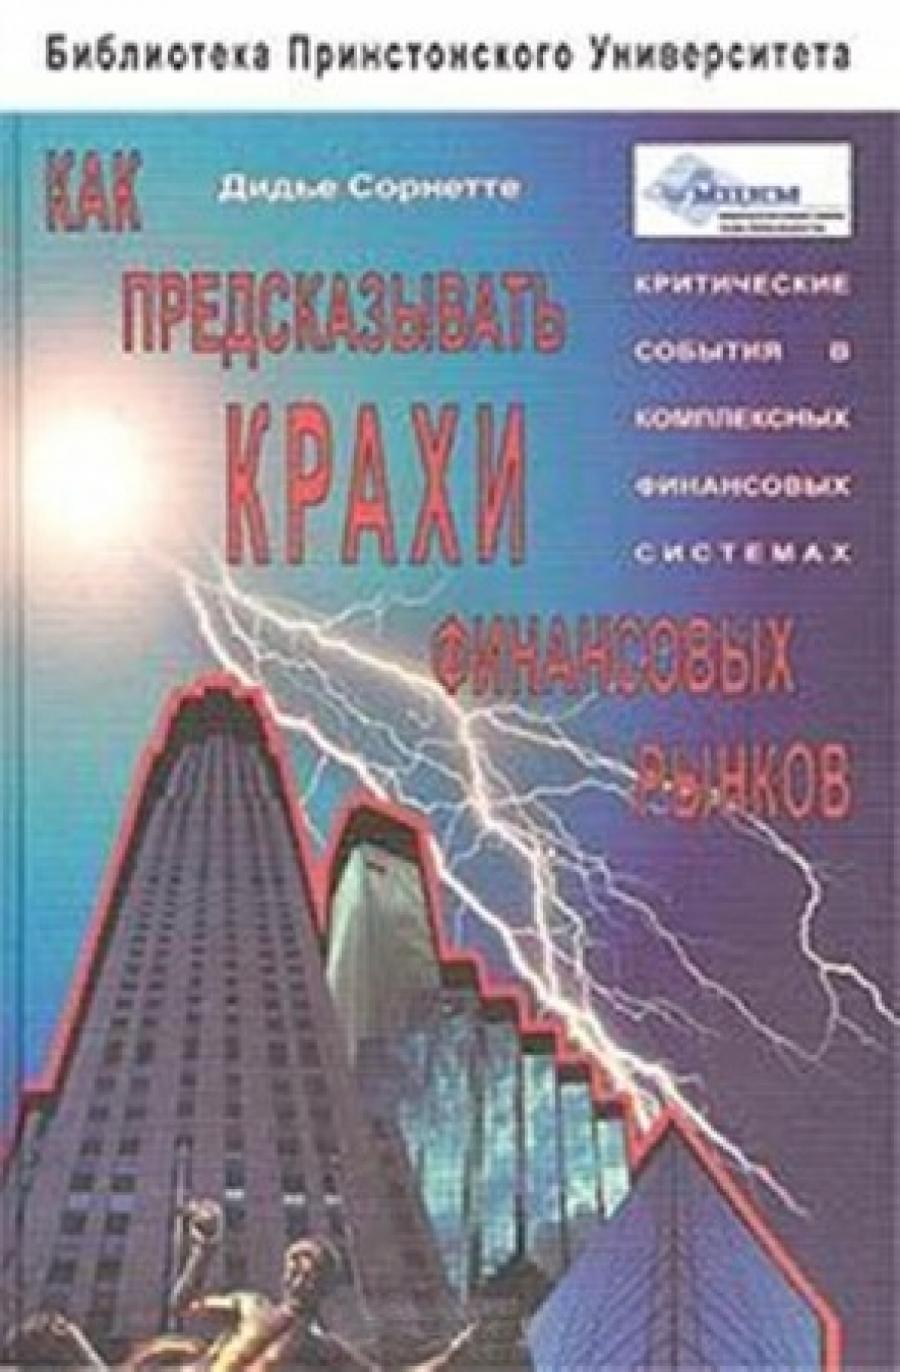 Обложка книги:  дидье сорнетте - как предсказывать крахи финансовых рынков